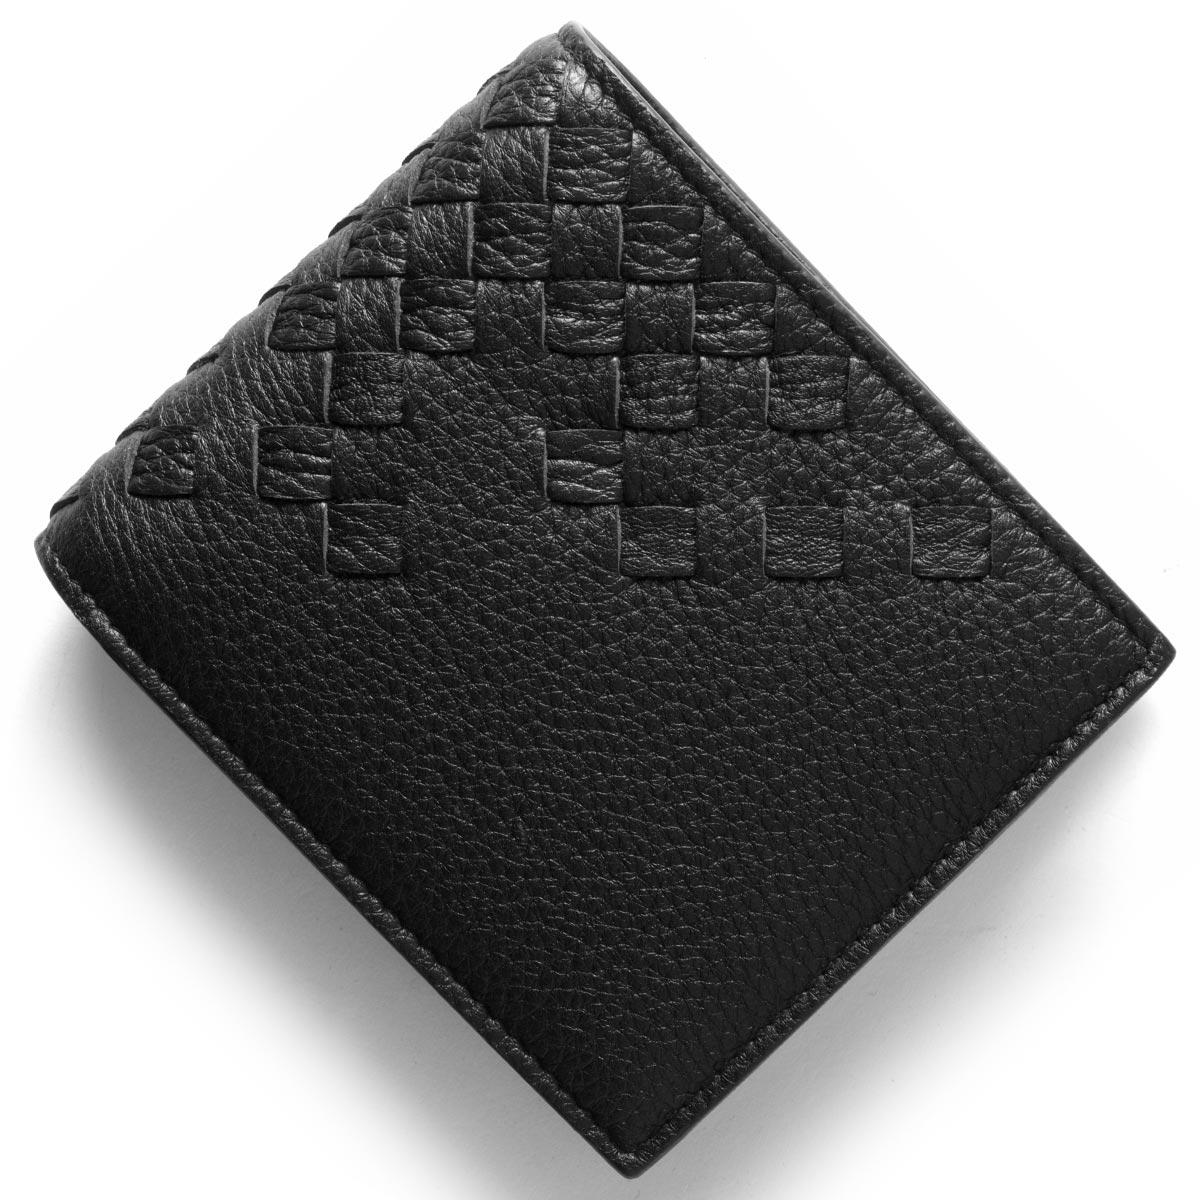 ボッテガヴェネタ (ボッテガ・ヴェネタ) 財布 BOTTEGA VENETA 二つ折り財布 イントレチャート ブラック 193642 VCEP1 1000 メンズ